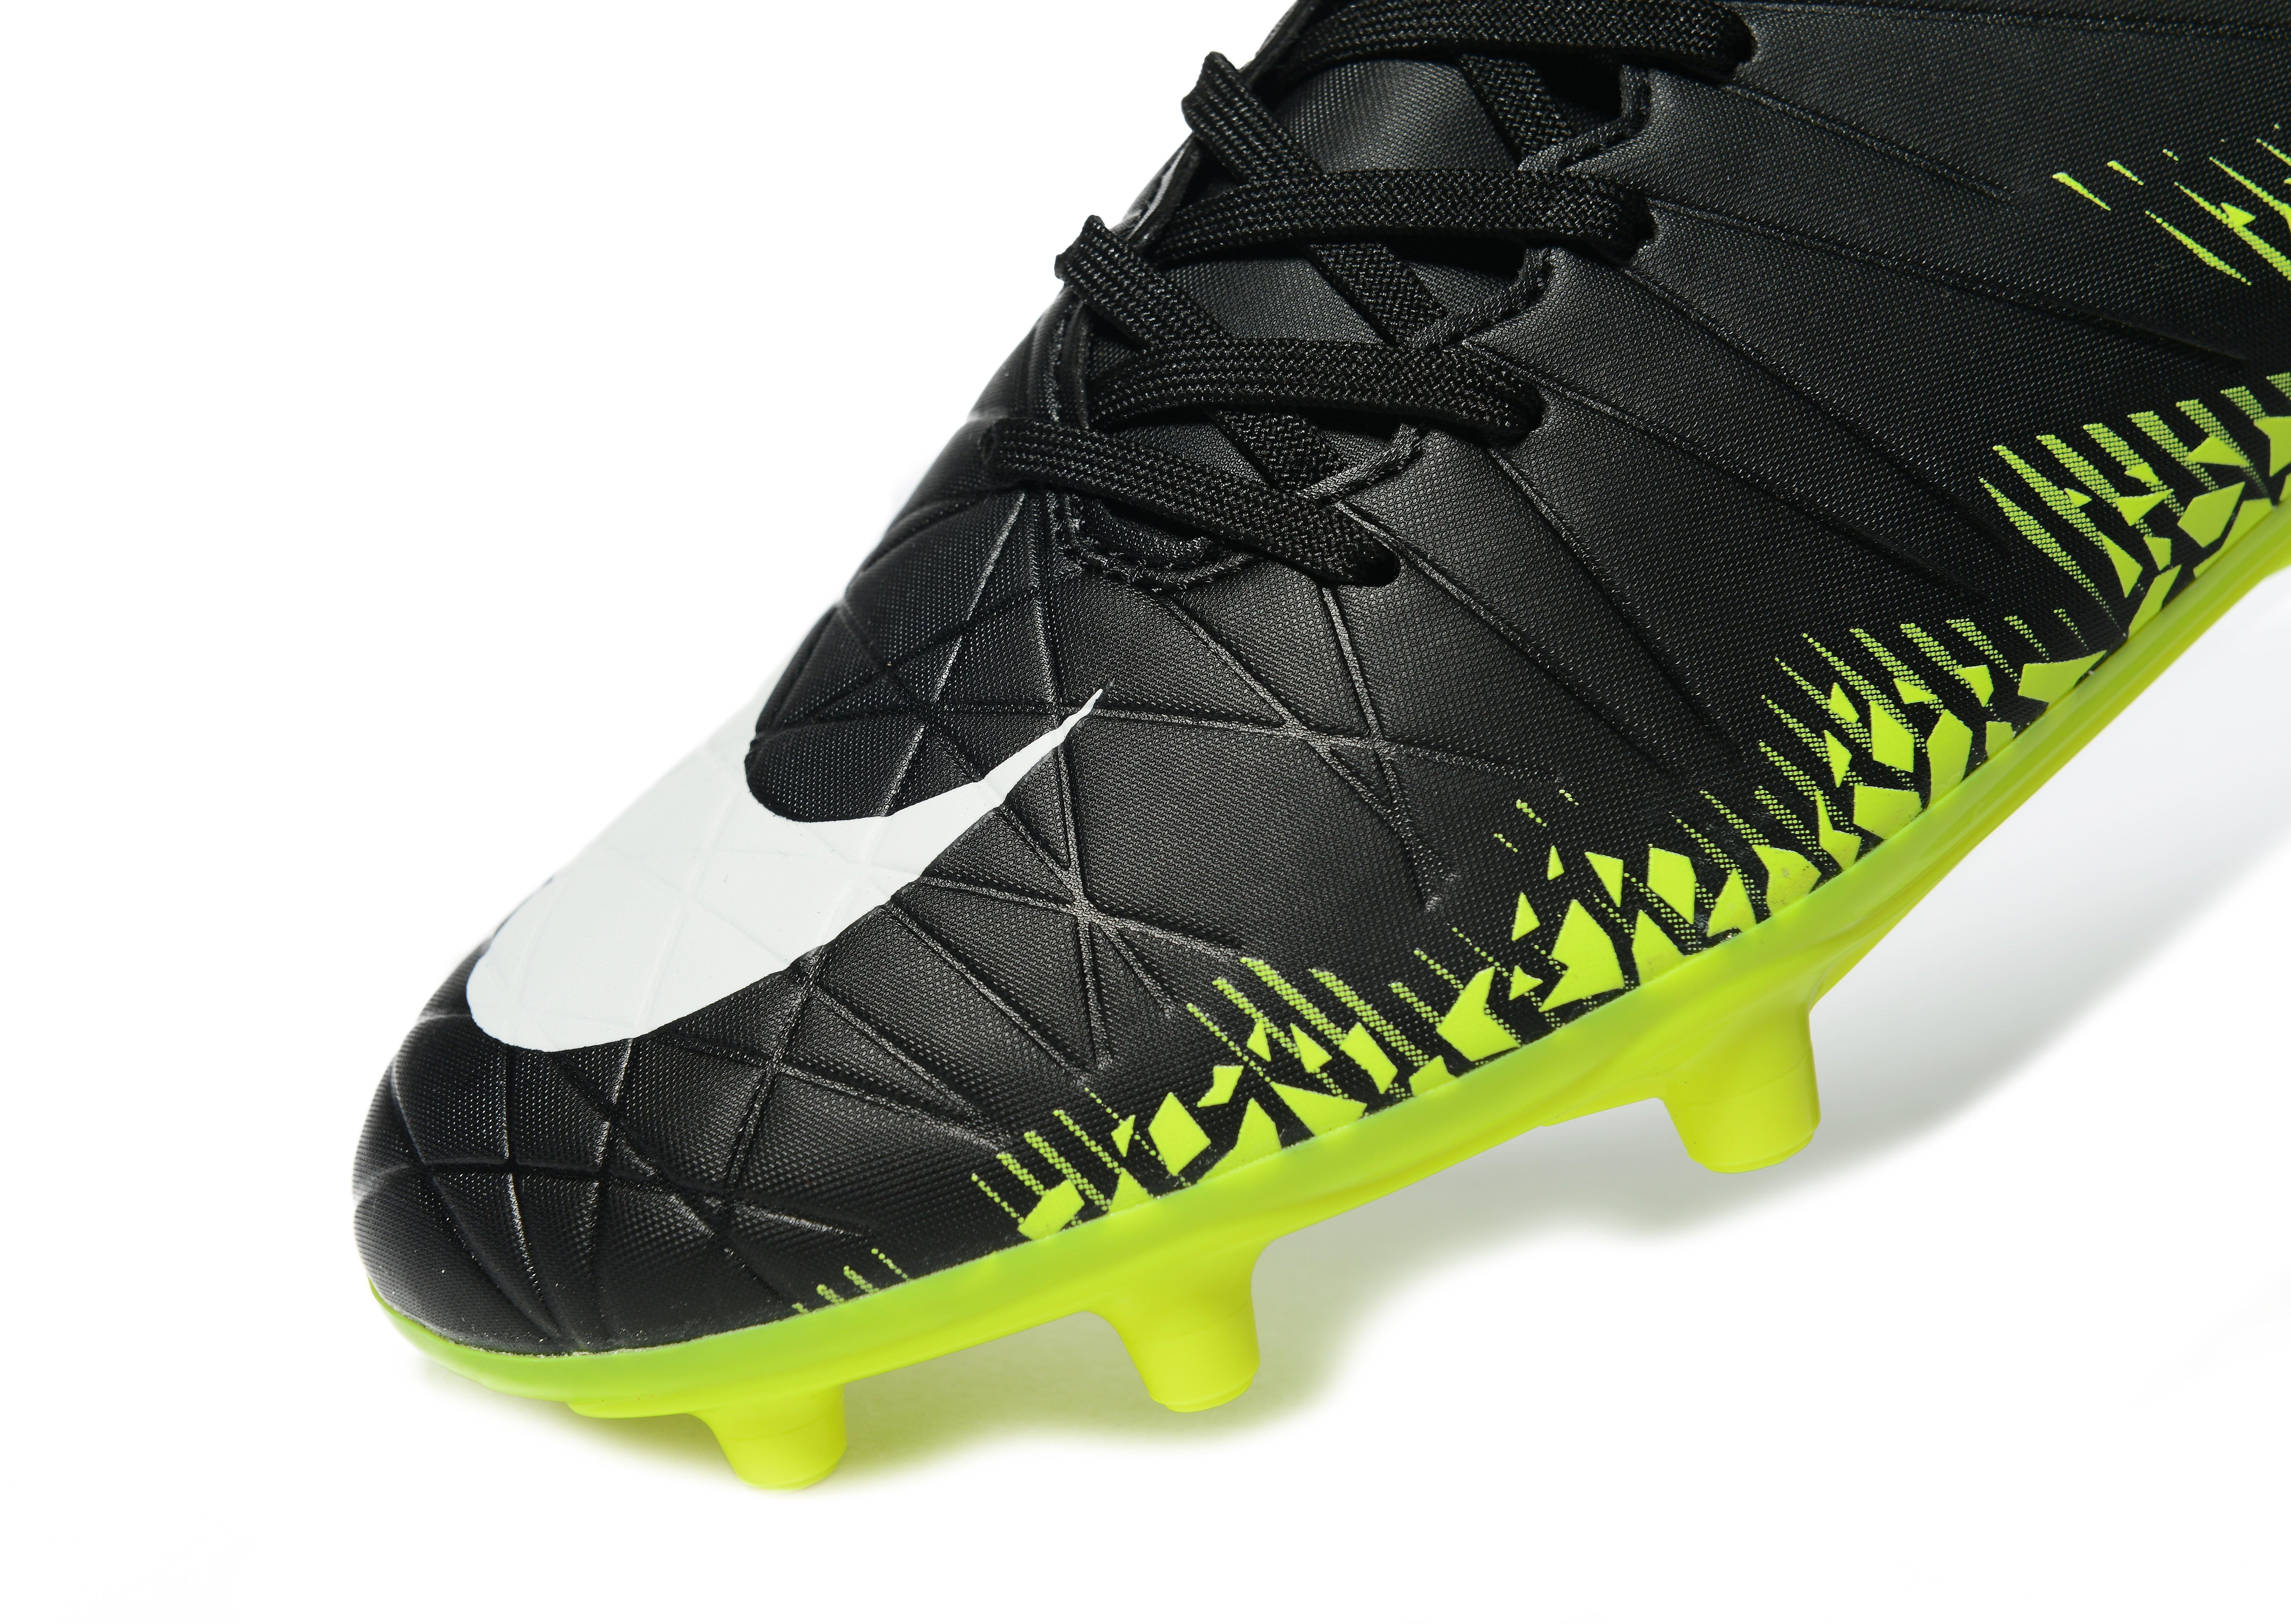 Nike Dark Lightning Hypervenom Phelon II FG